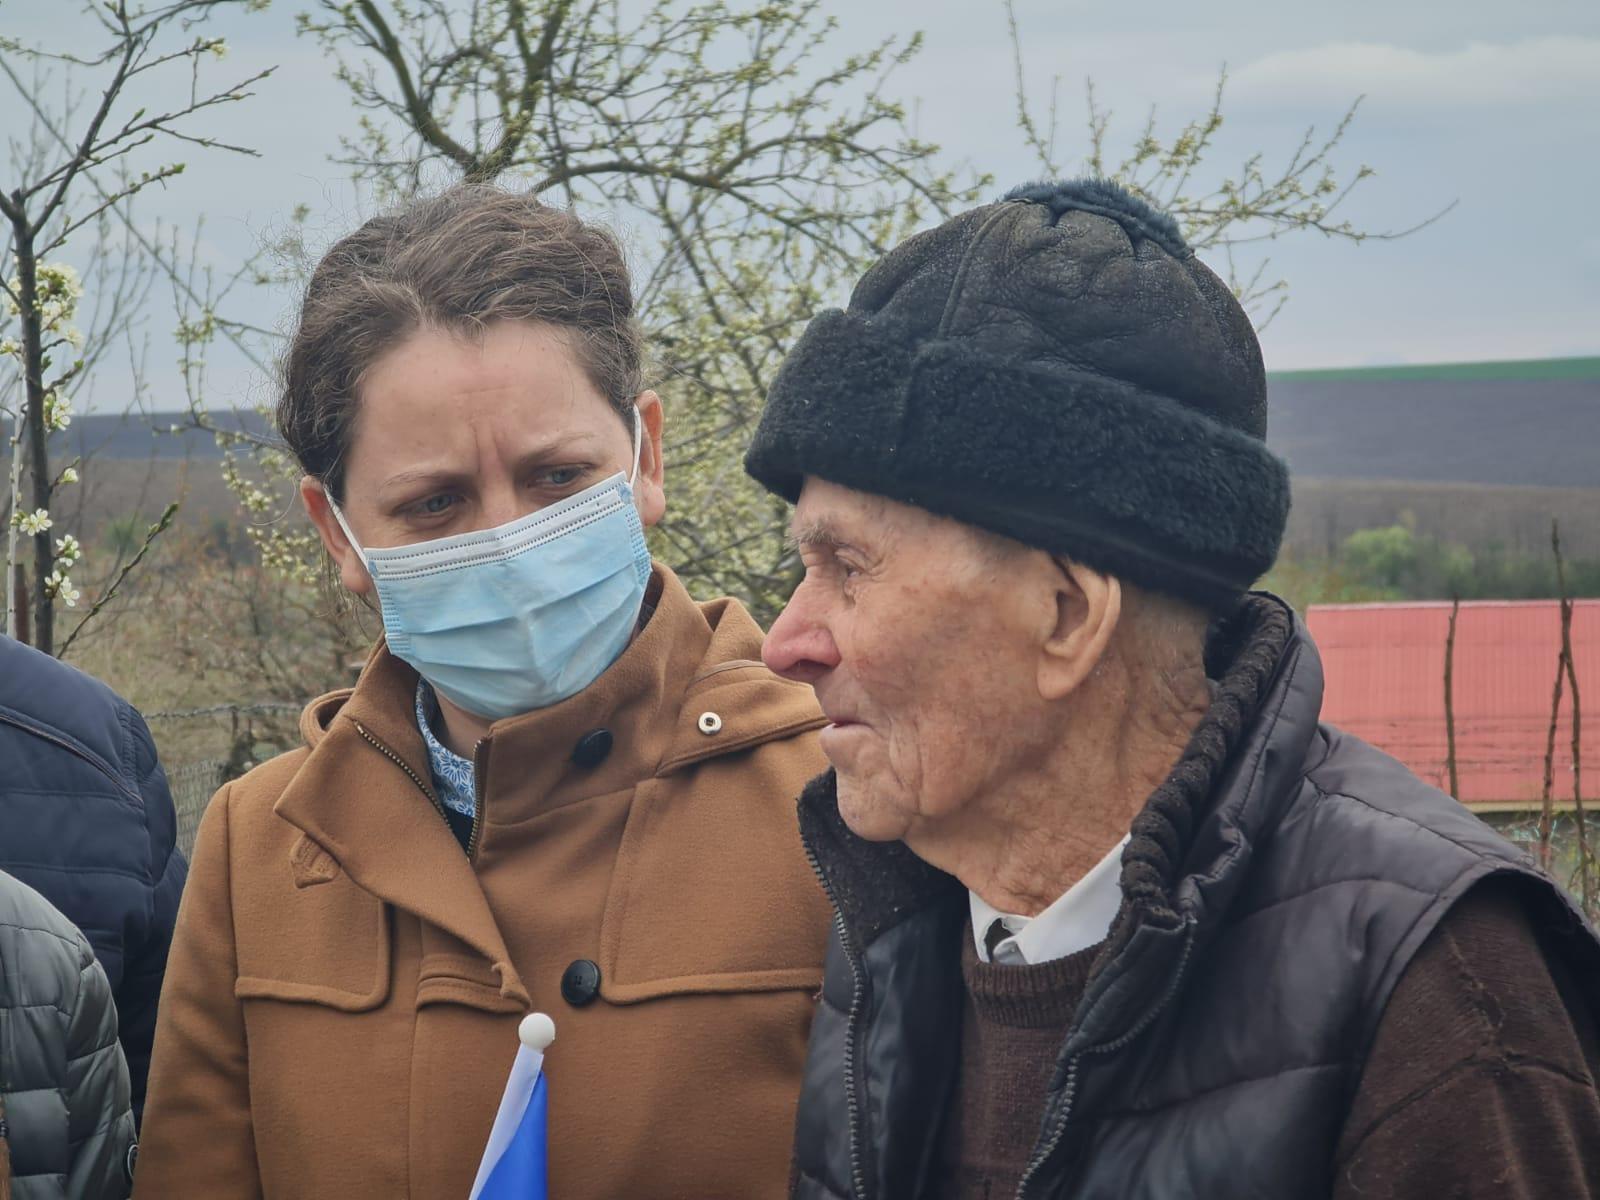 Deputatul Alexandra Huțu:Veteranii de război sunt eroii de lângă noi, sunt purtători de medalii, dar și de răni și suferințe